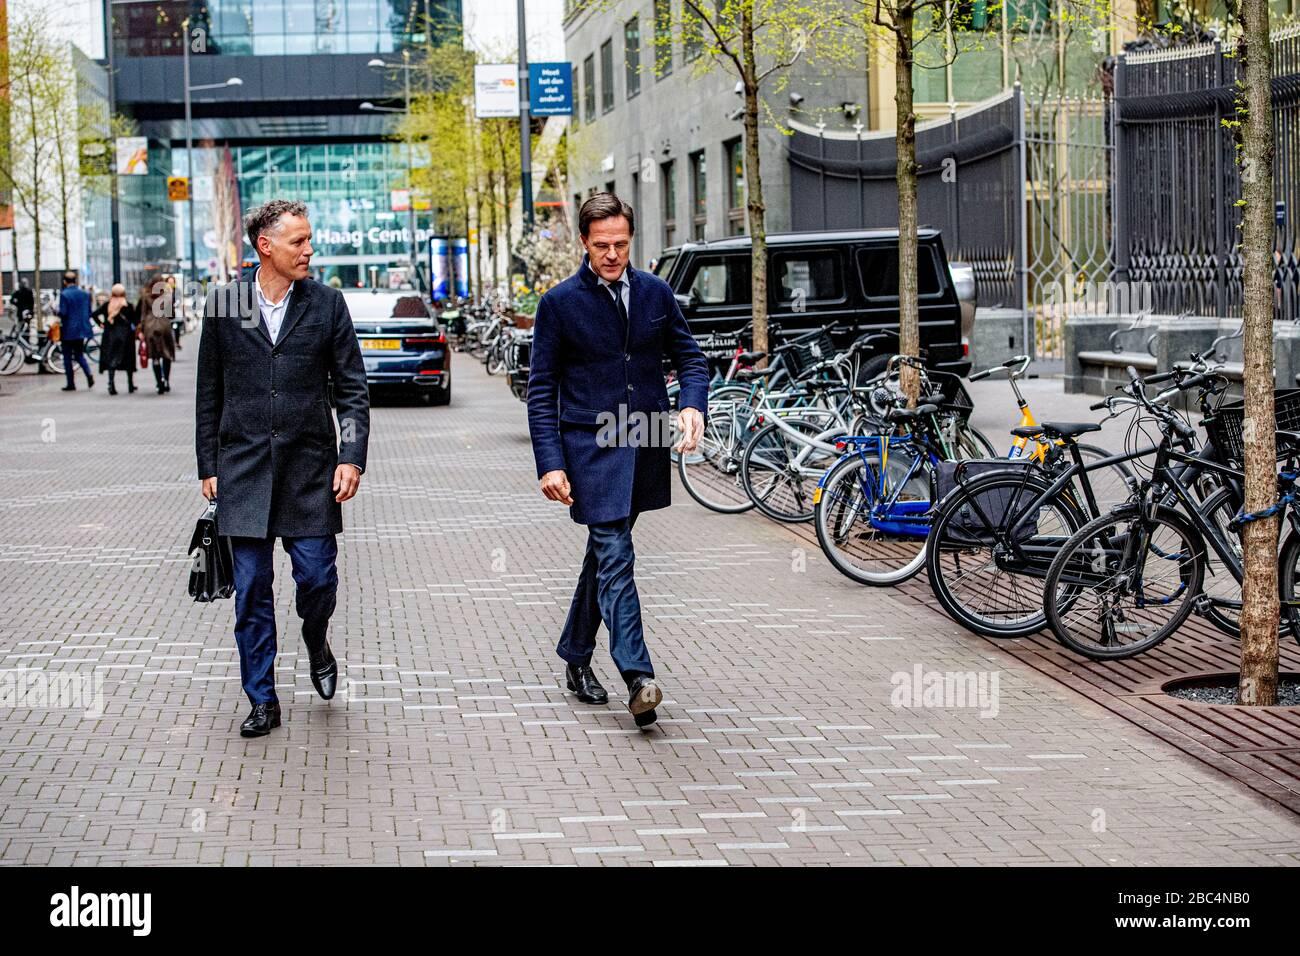 den haag niederlande april 2020